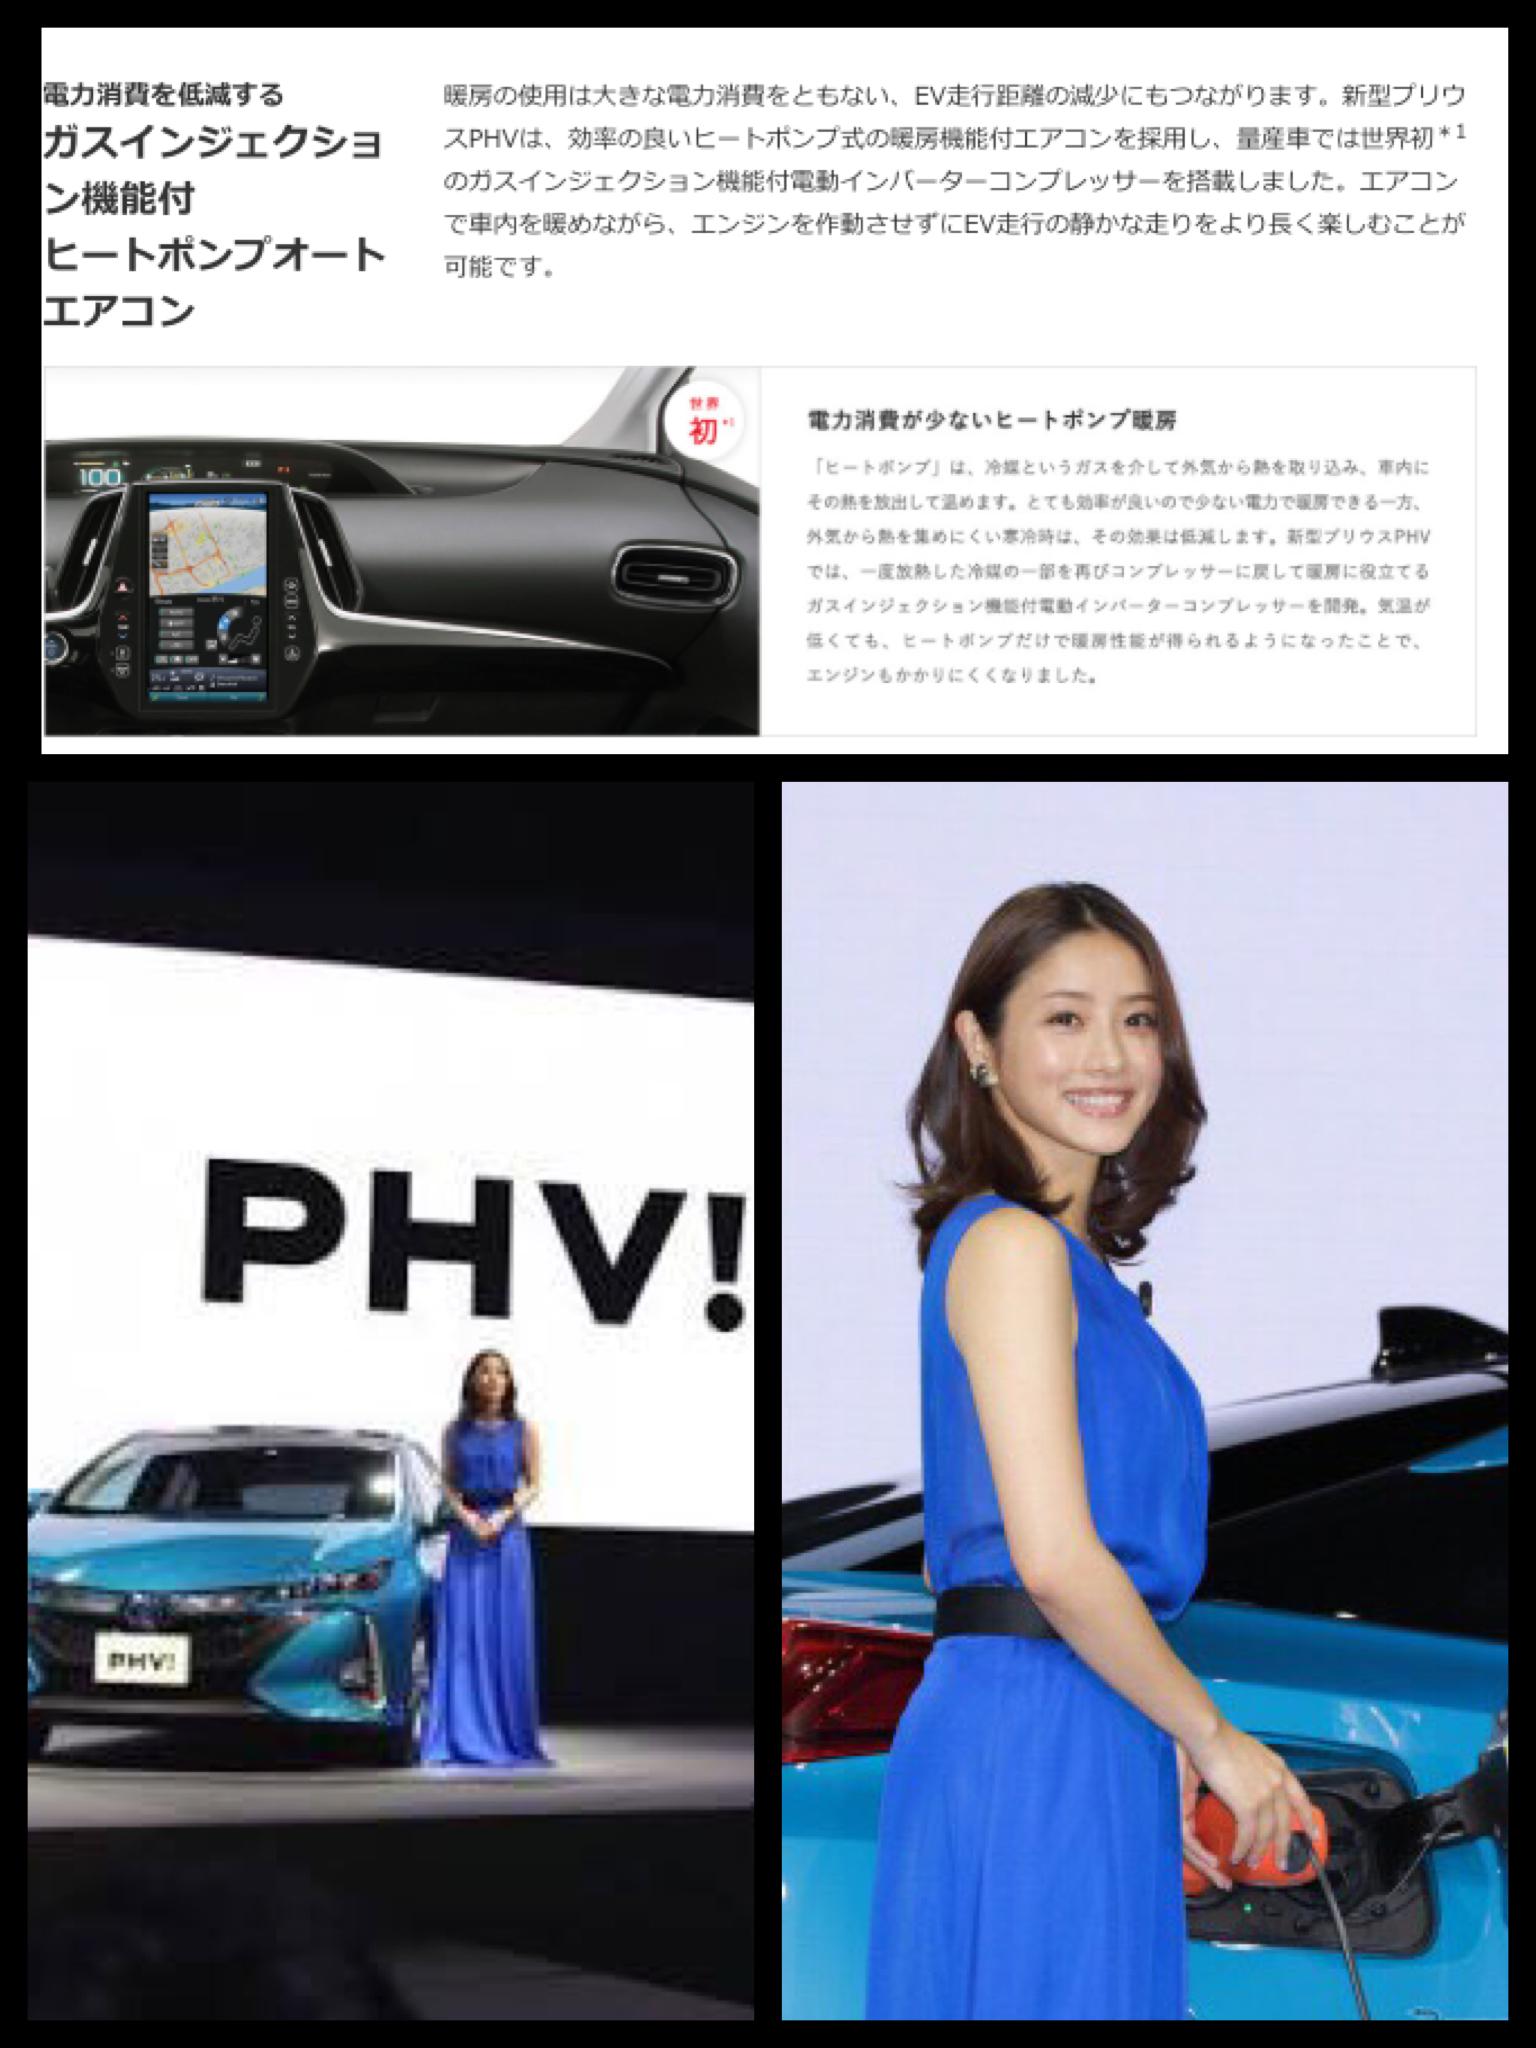 トヨタ新型プリウスPHV ガスインジェクション機能付きヒートポンプエアコン